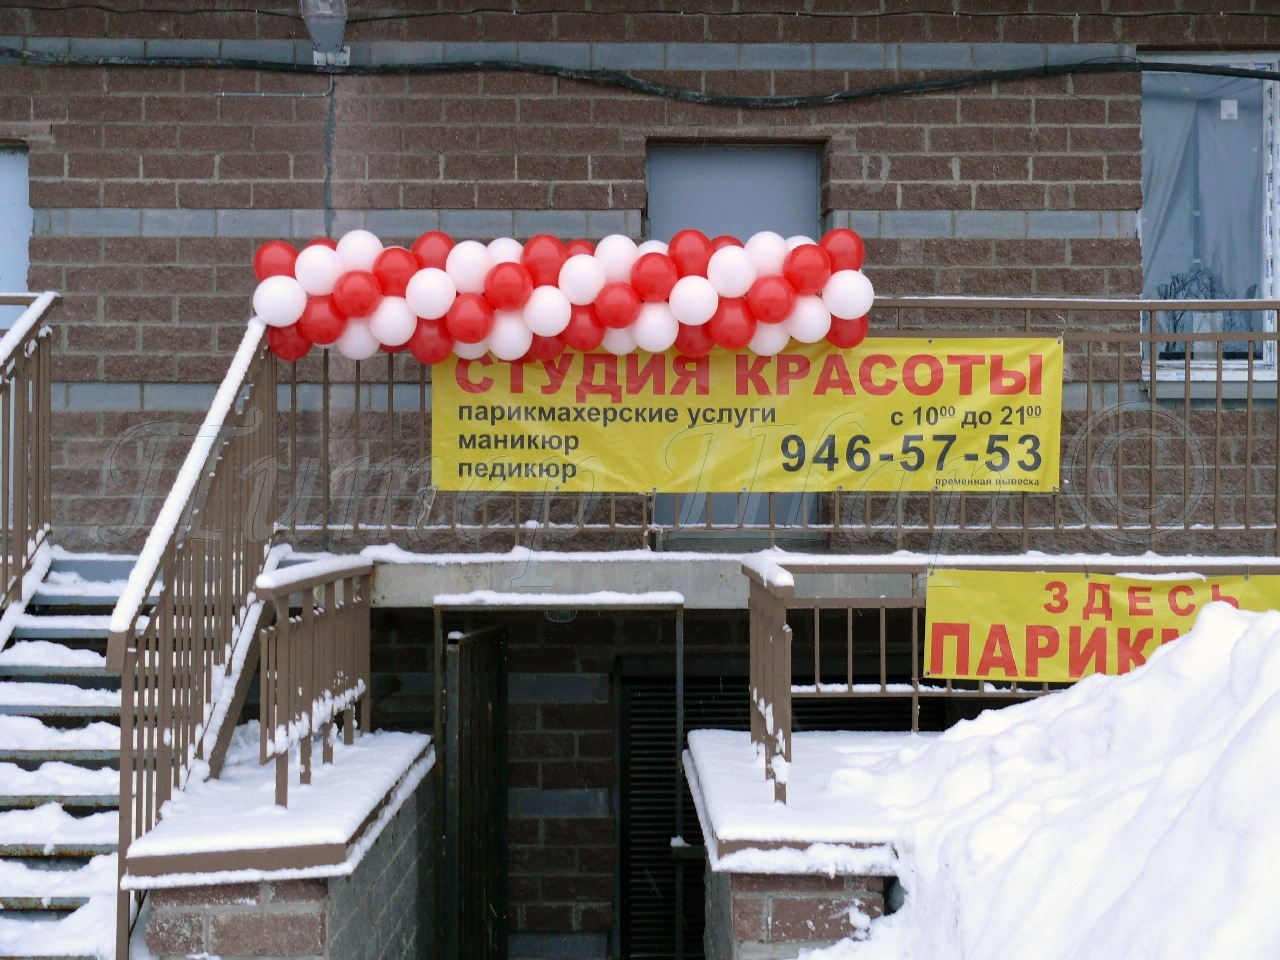 d0411050e432 Не ломайте голову над тем, где купить воздушные гелевые шары в Петербурге и  где заказать печать на них для оформления, например, открытия нового  магазина ...